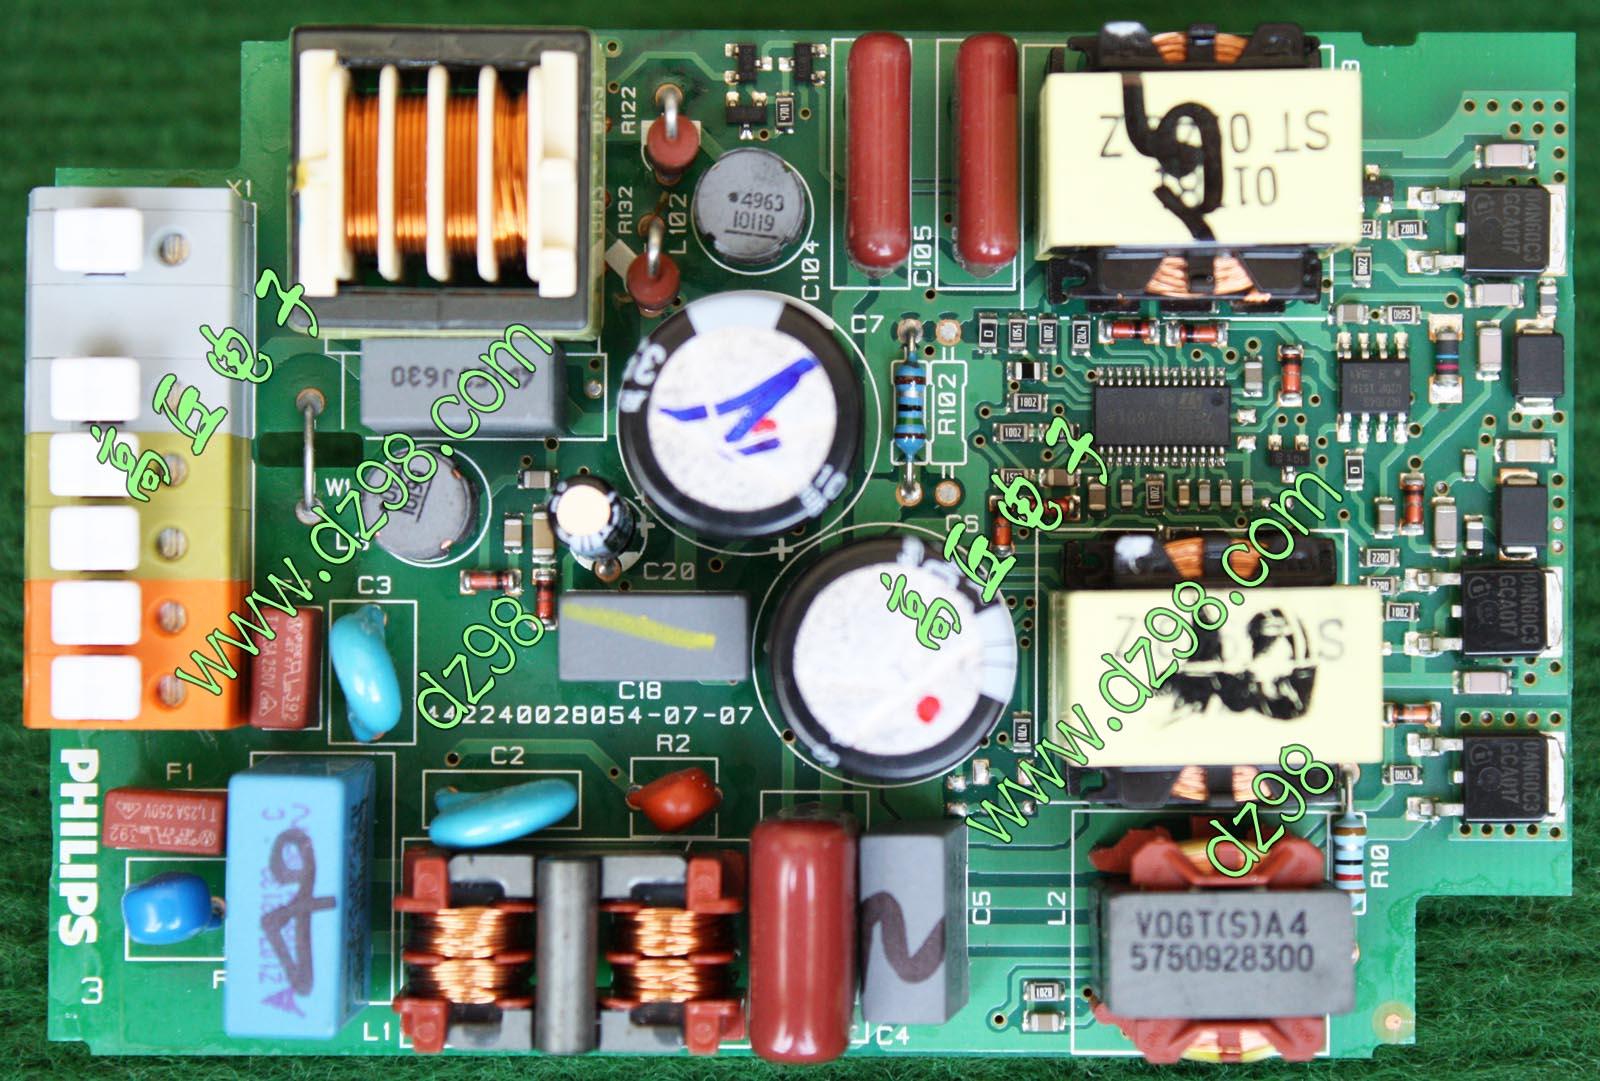 照明电器 电子 镇流器 触发器 控制器 日光灯 节能灯